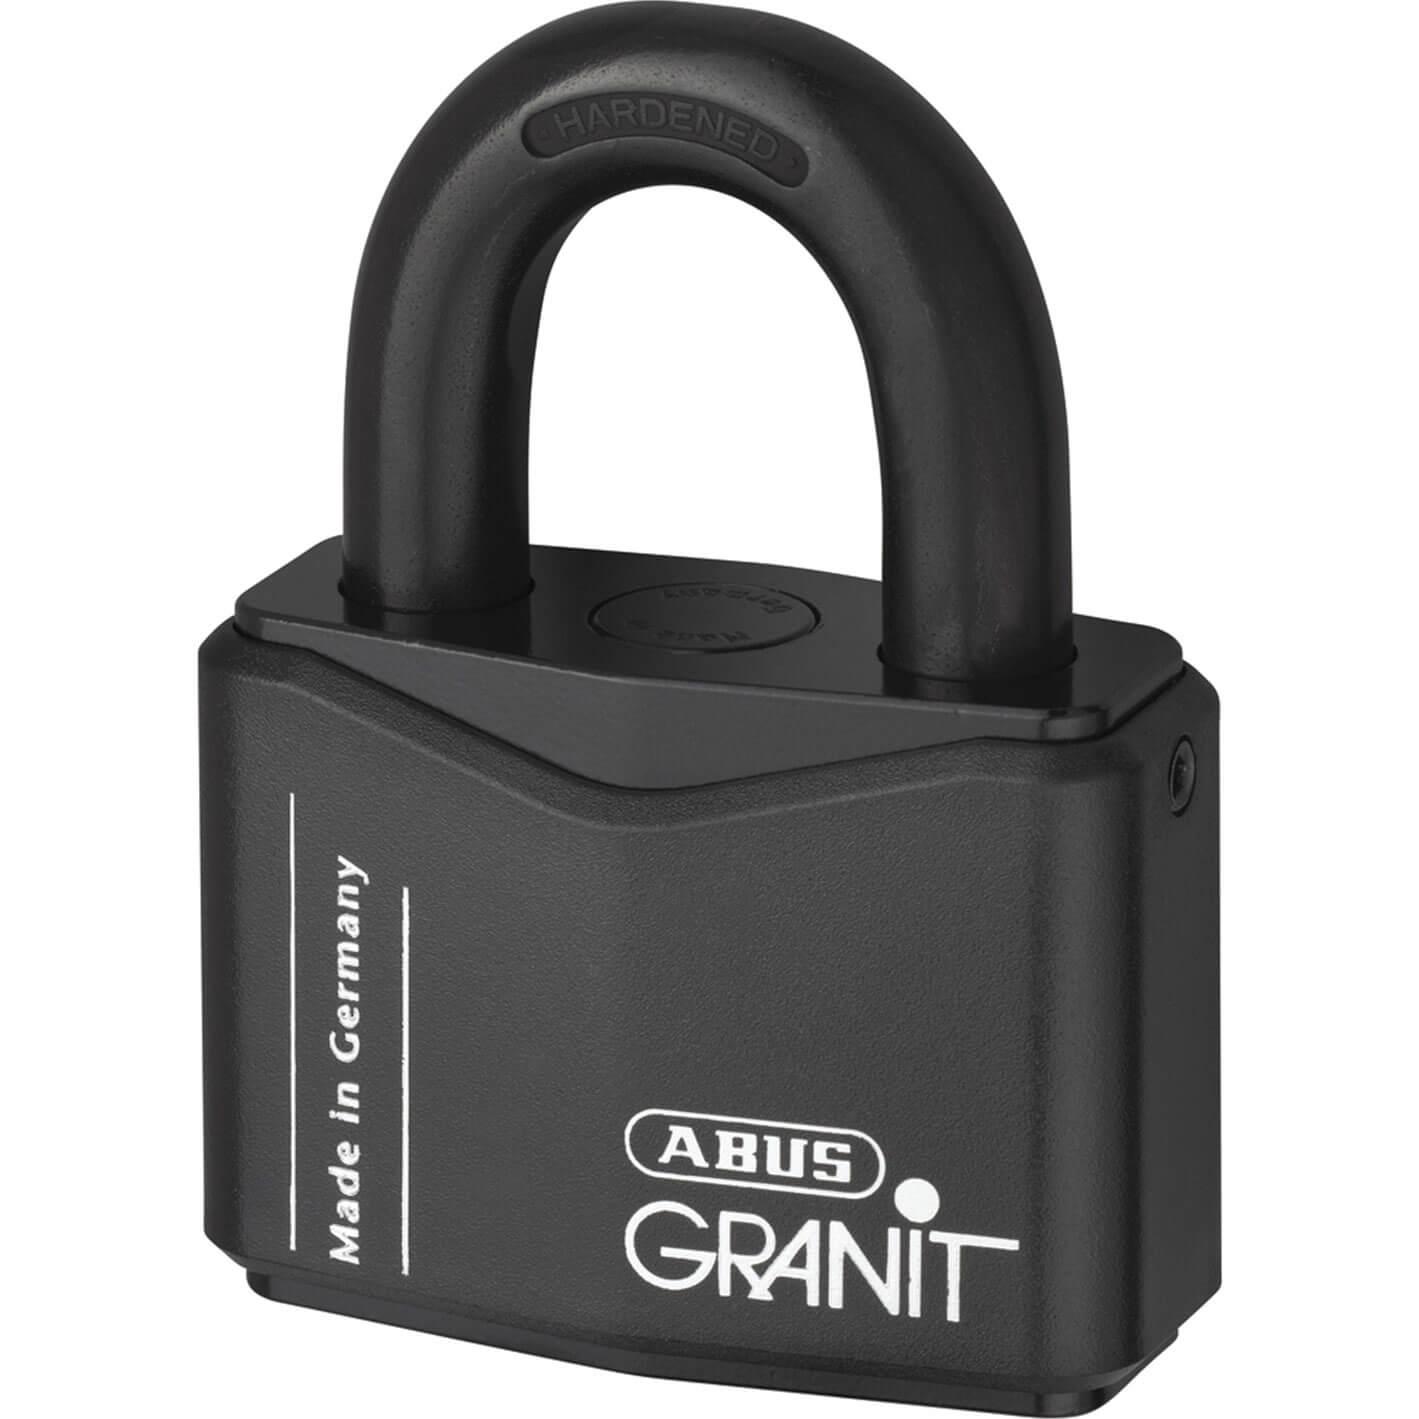 ABUS 37RK 70mm Granit Plus Padlock